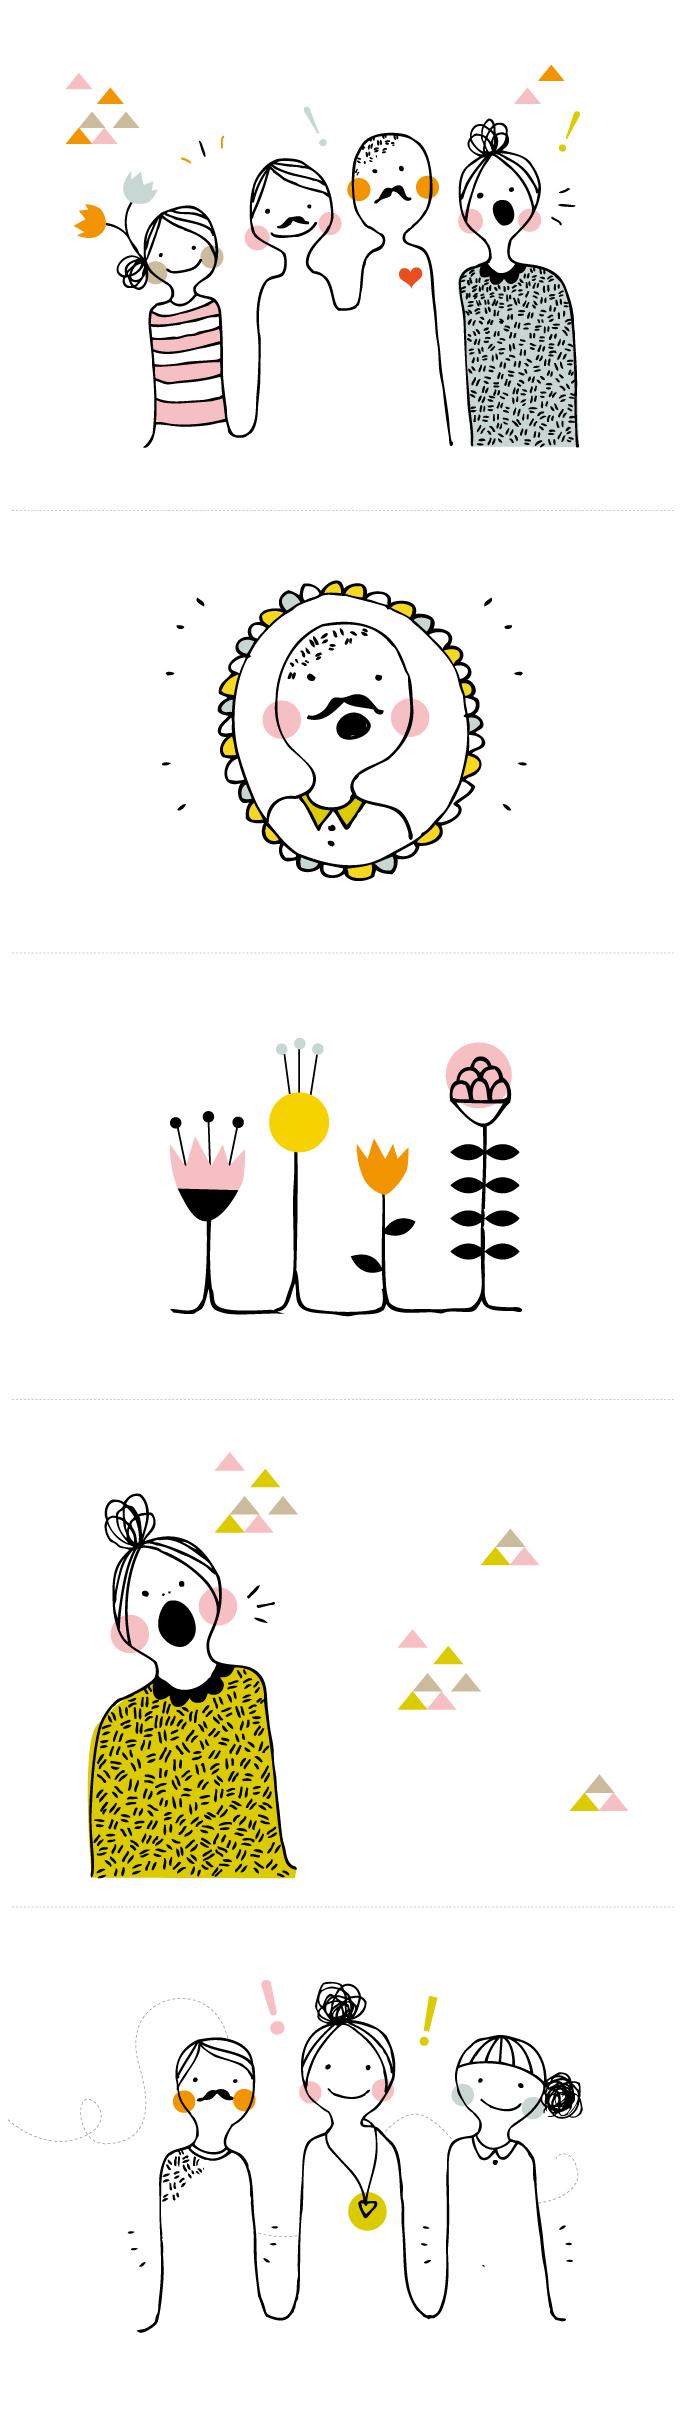 karaktär, schlager, illustration, anna nilsson, malmö, blomma